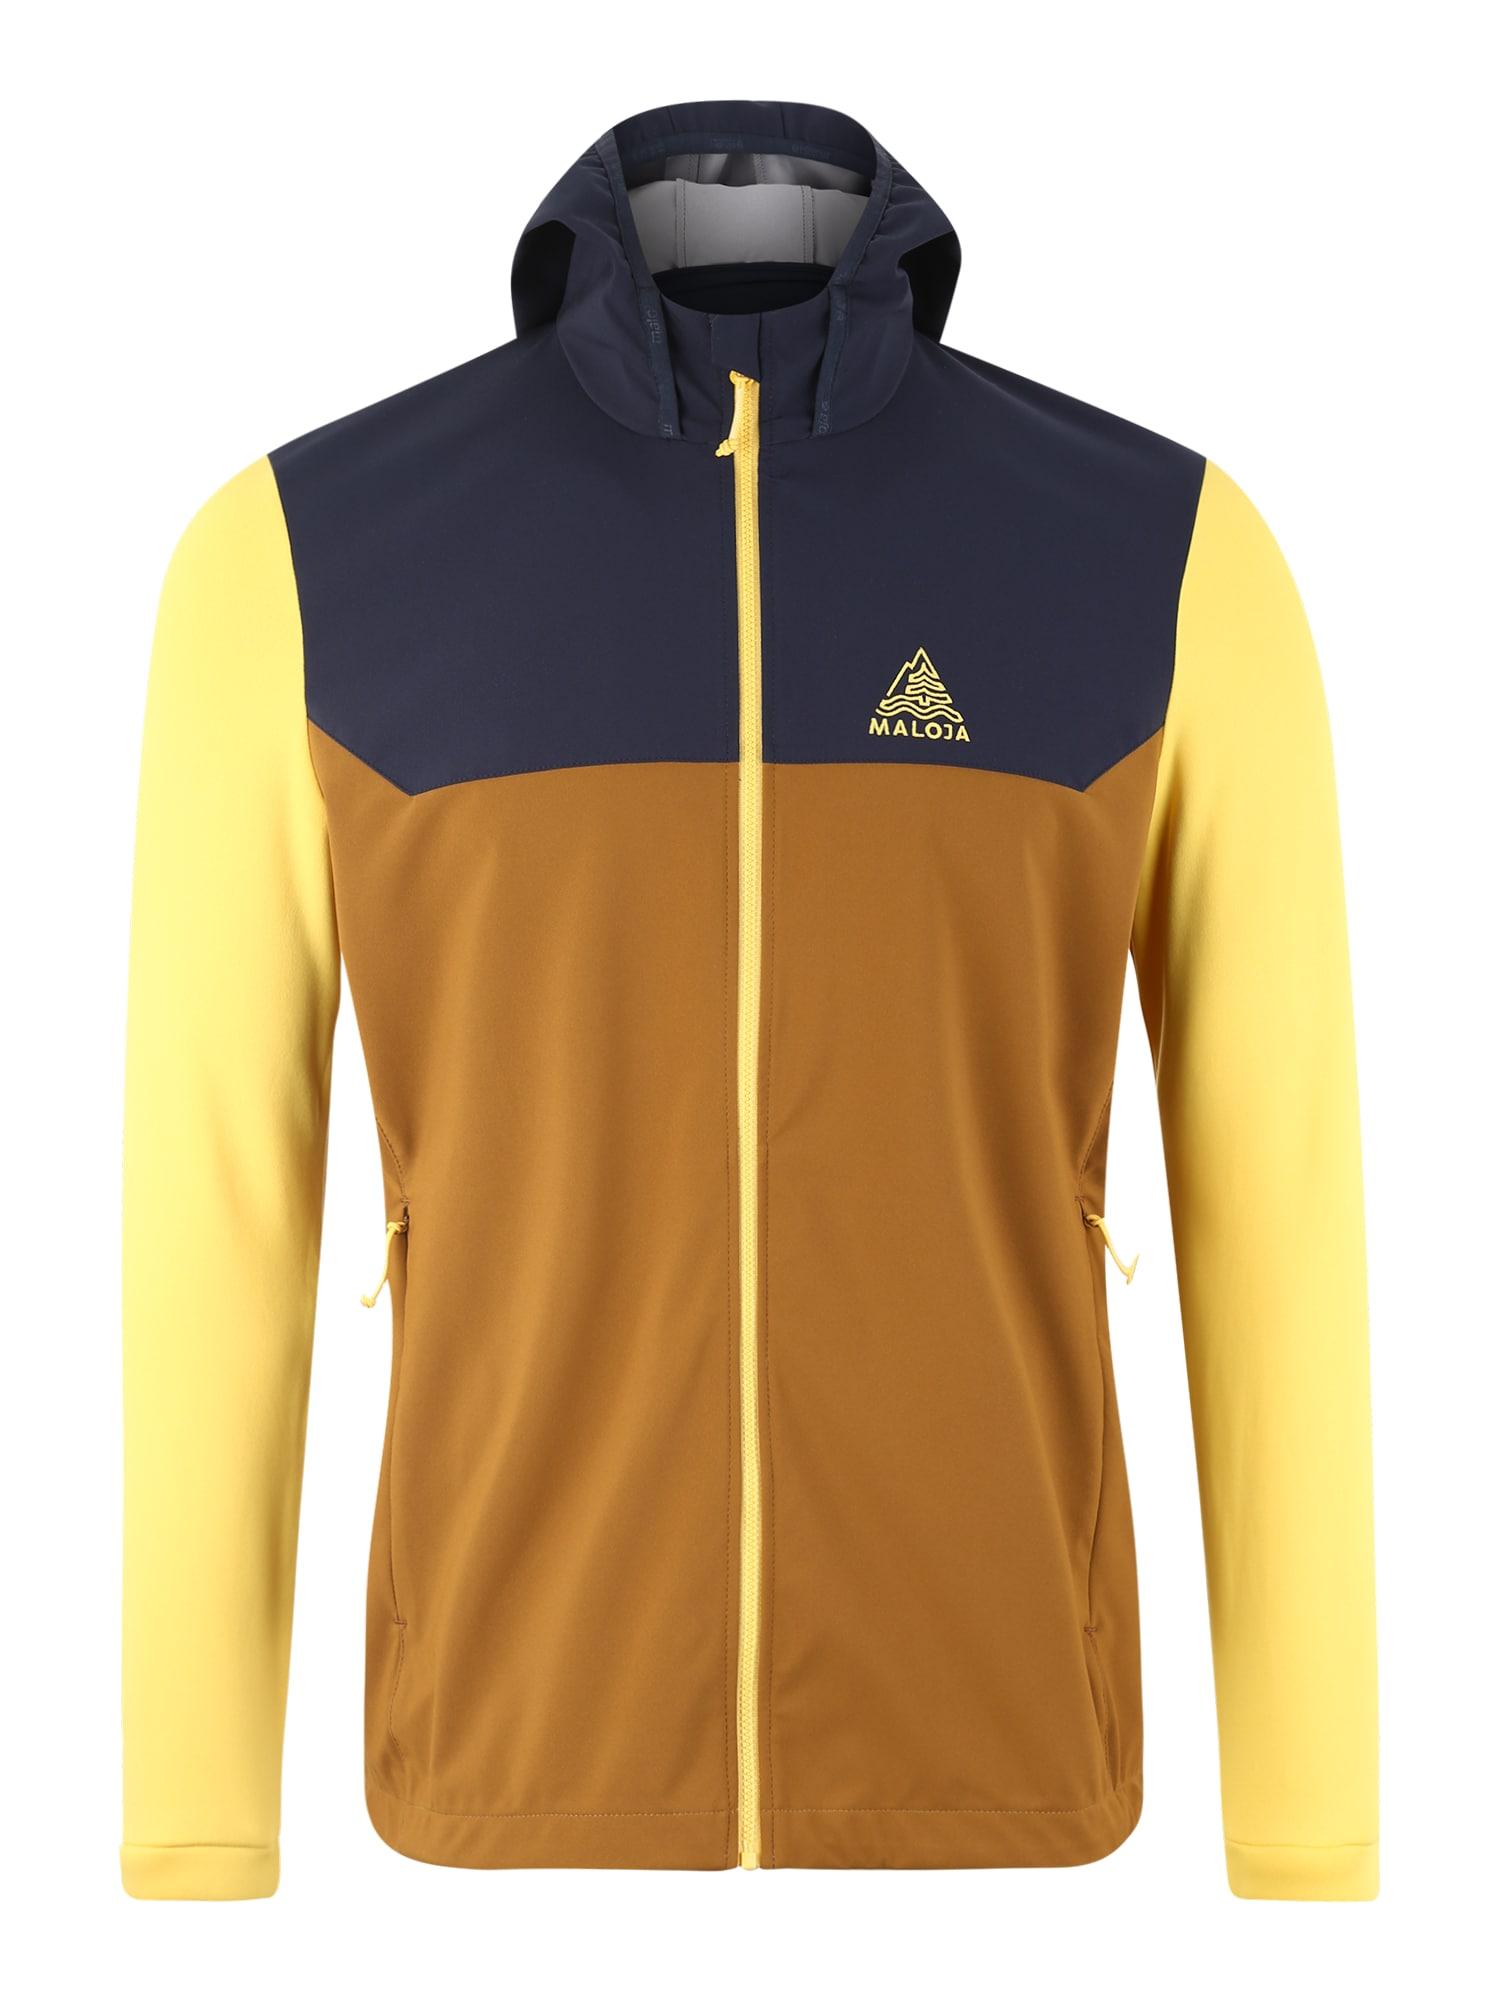 Outdoorová bunda BacunM. hnědá žlutá černá Maloja